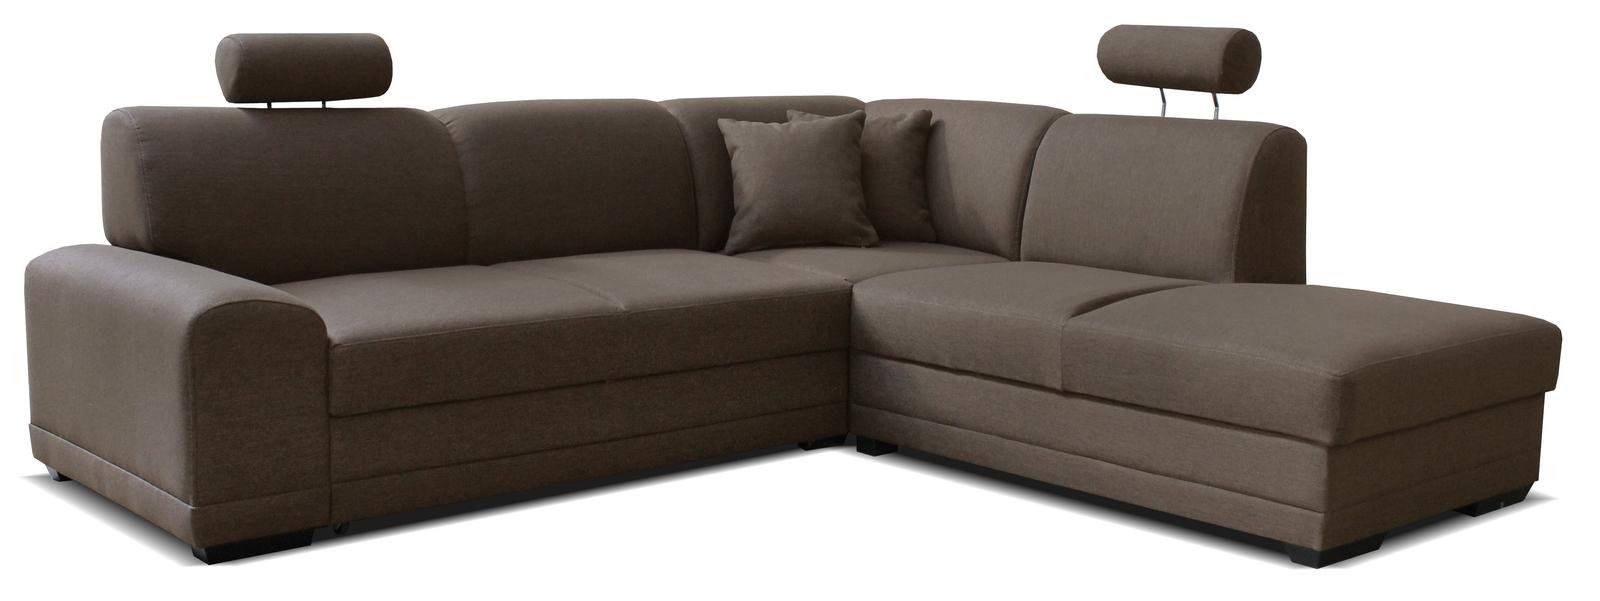 Rohová sedací souprava - Po-Sed - Laon II 2F+L (P) hnědá